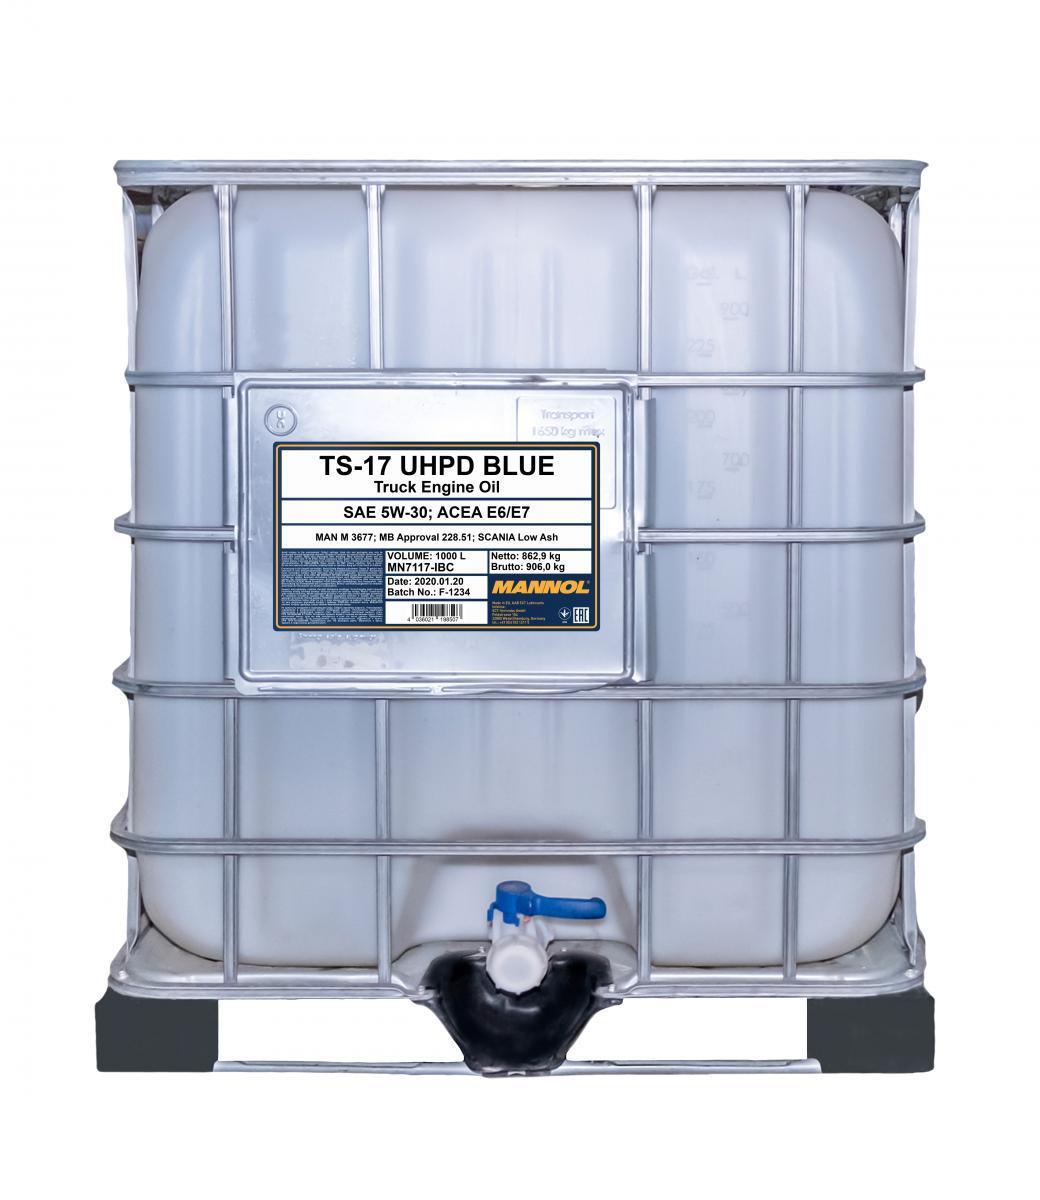 MN7117-IBC MANNOL TS-17, UHPD Blue 5W-30, 1000l Motoröl MN7117-IBC günstig kaufen